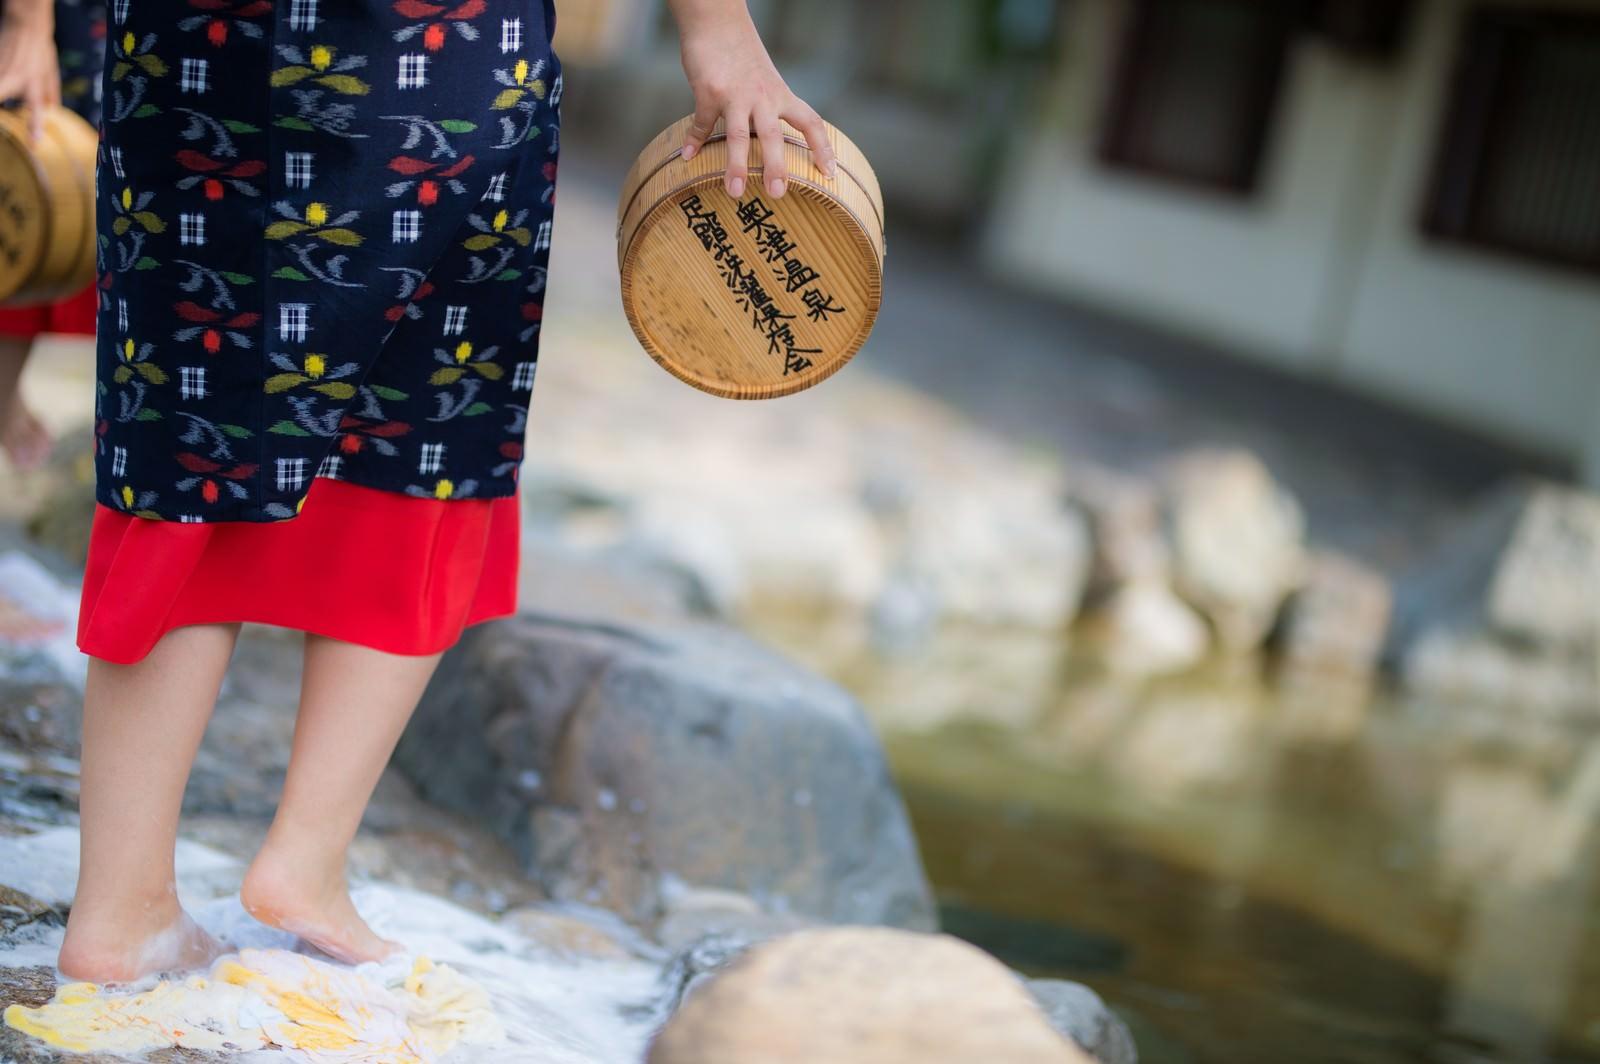 「鏡野町奥津地区に伝承される足踏み洗濯」の写真